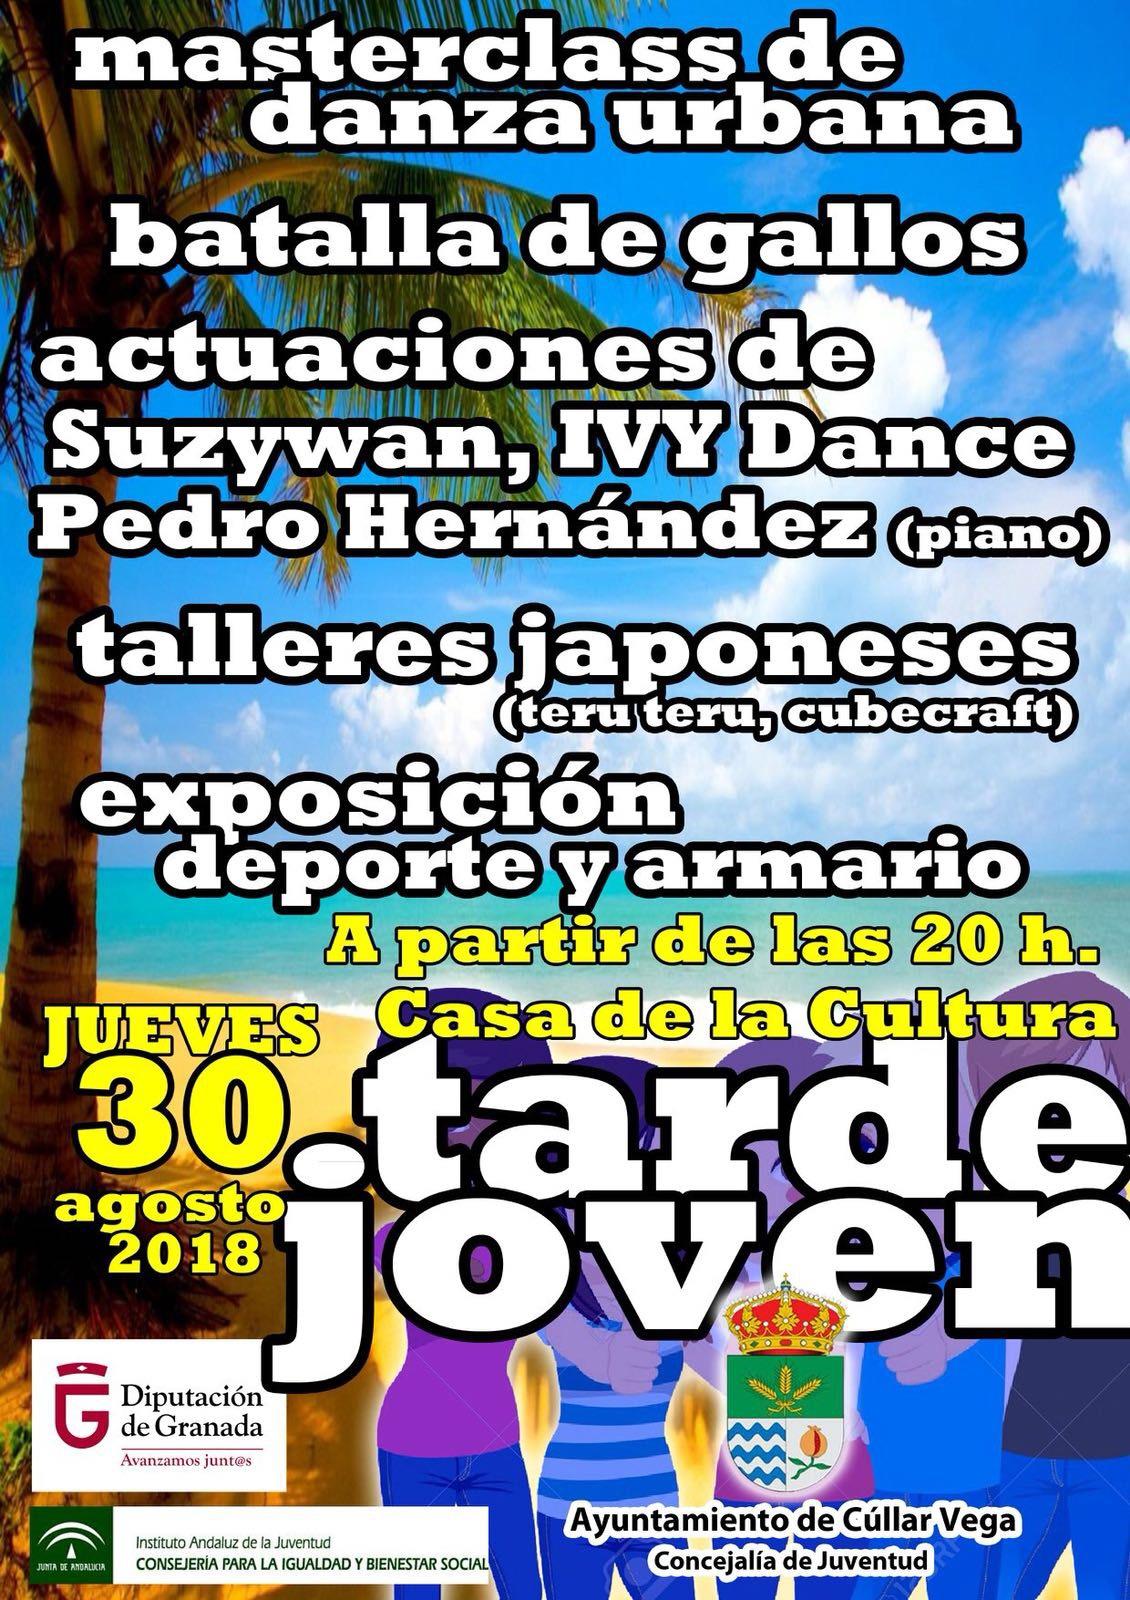 Talleres manga, danza urbana y música en directo protagonizarán la Tarde Joven de Cúllar Vega